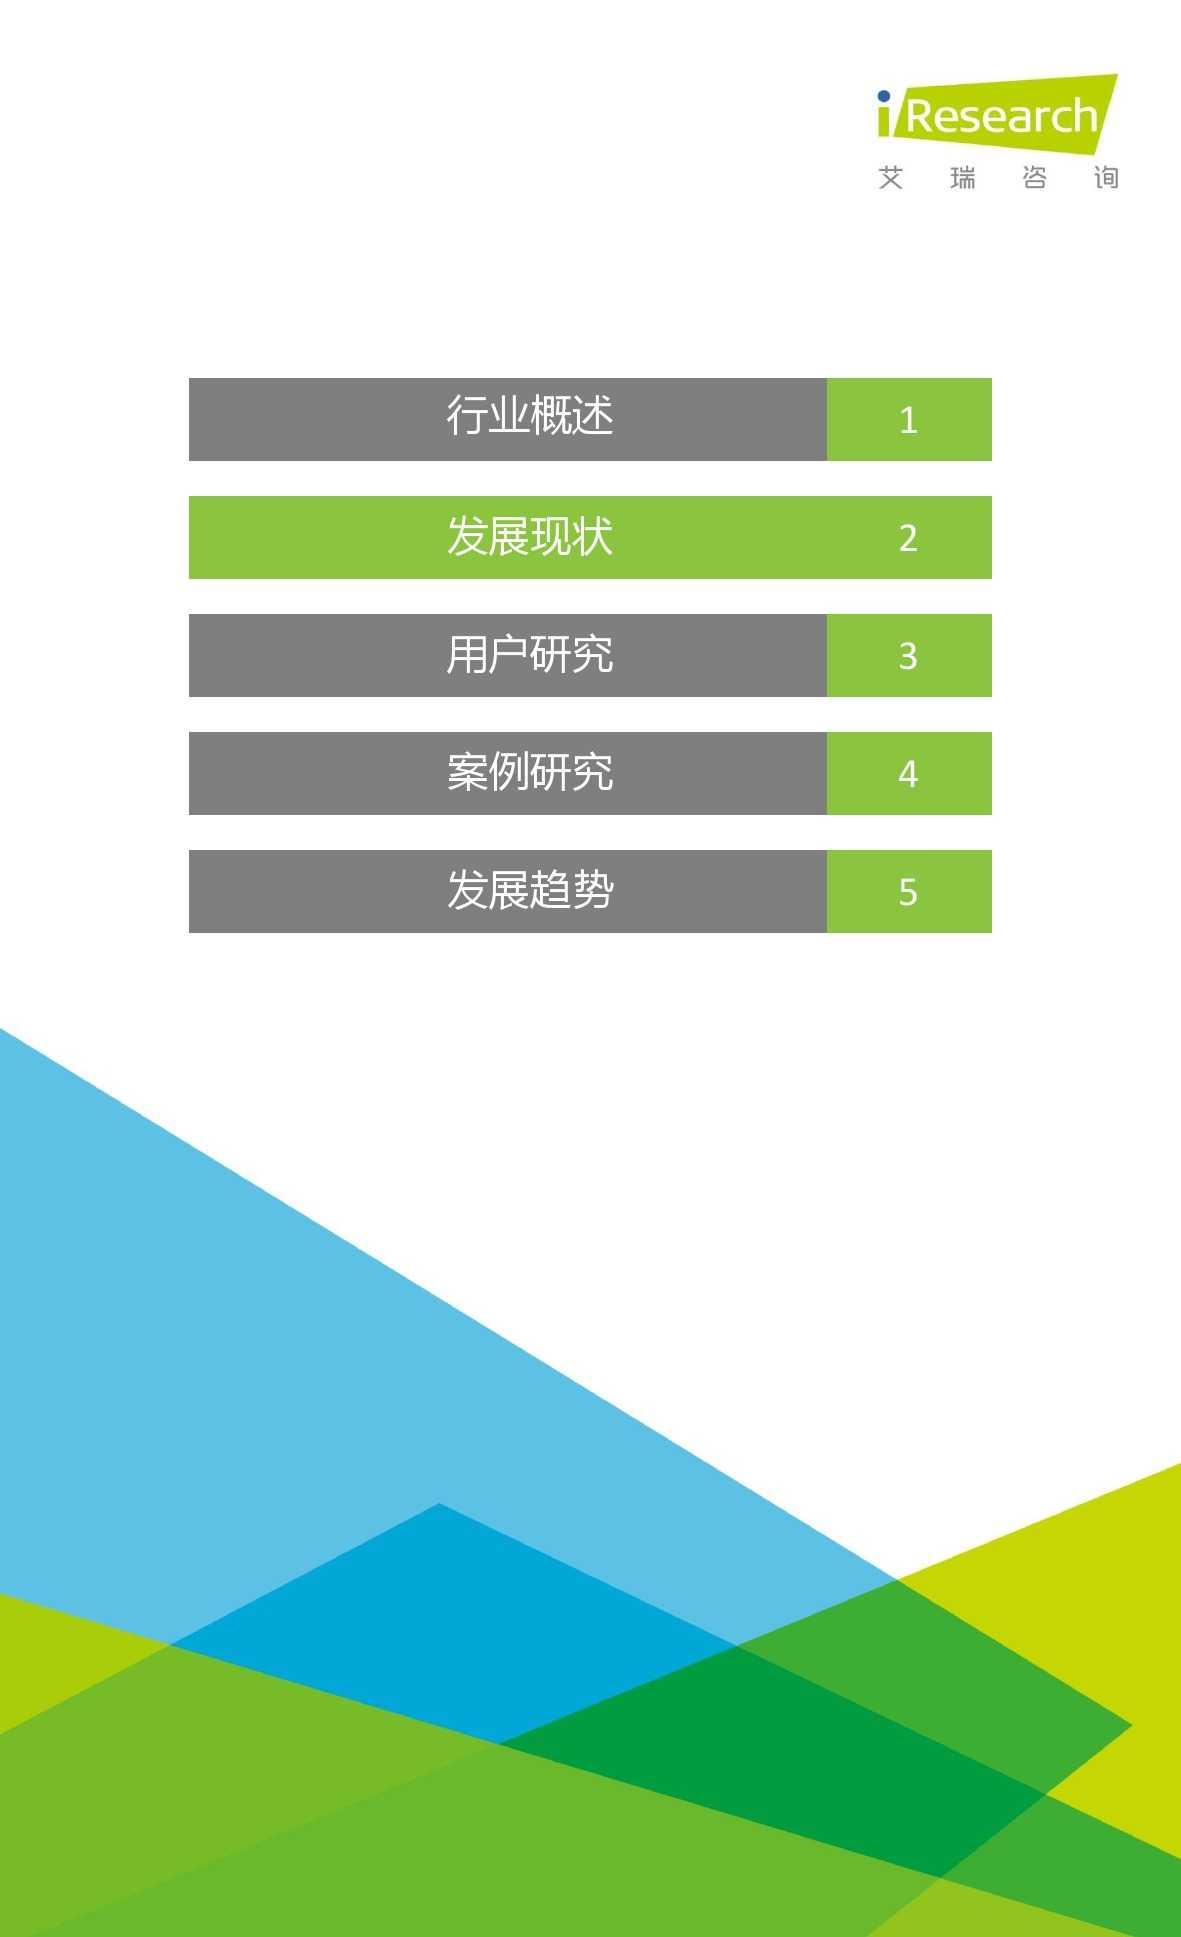 2015年中国生活理财移动App行业研究报告_000011